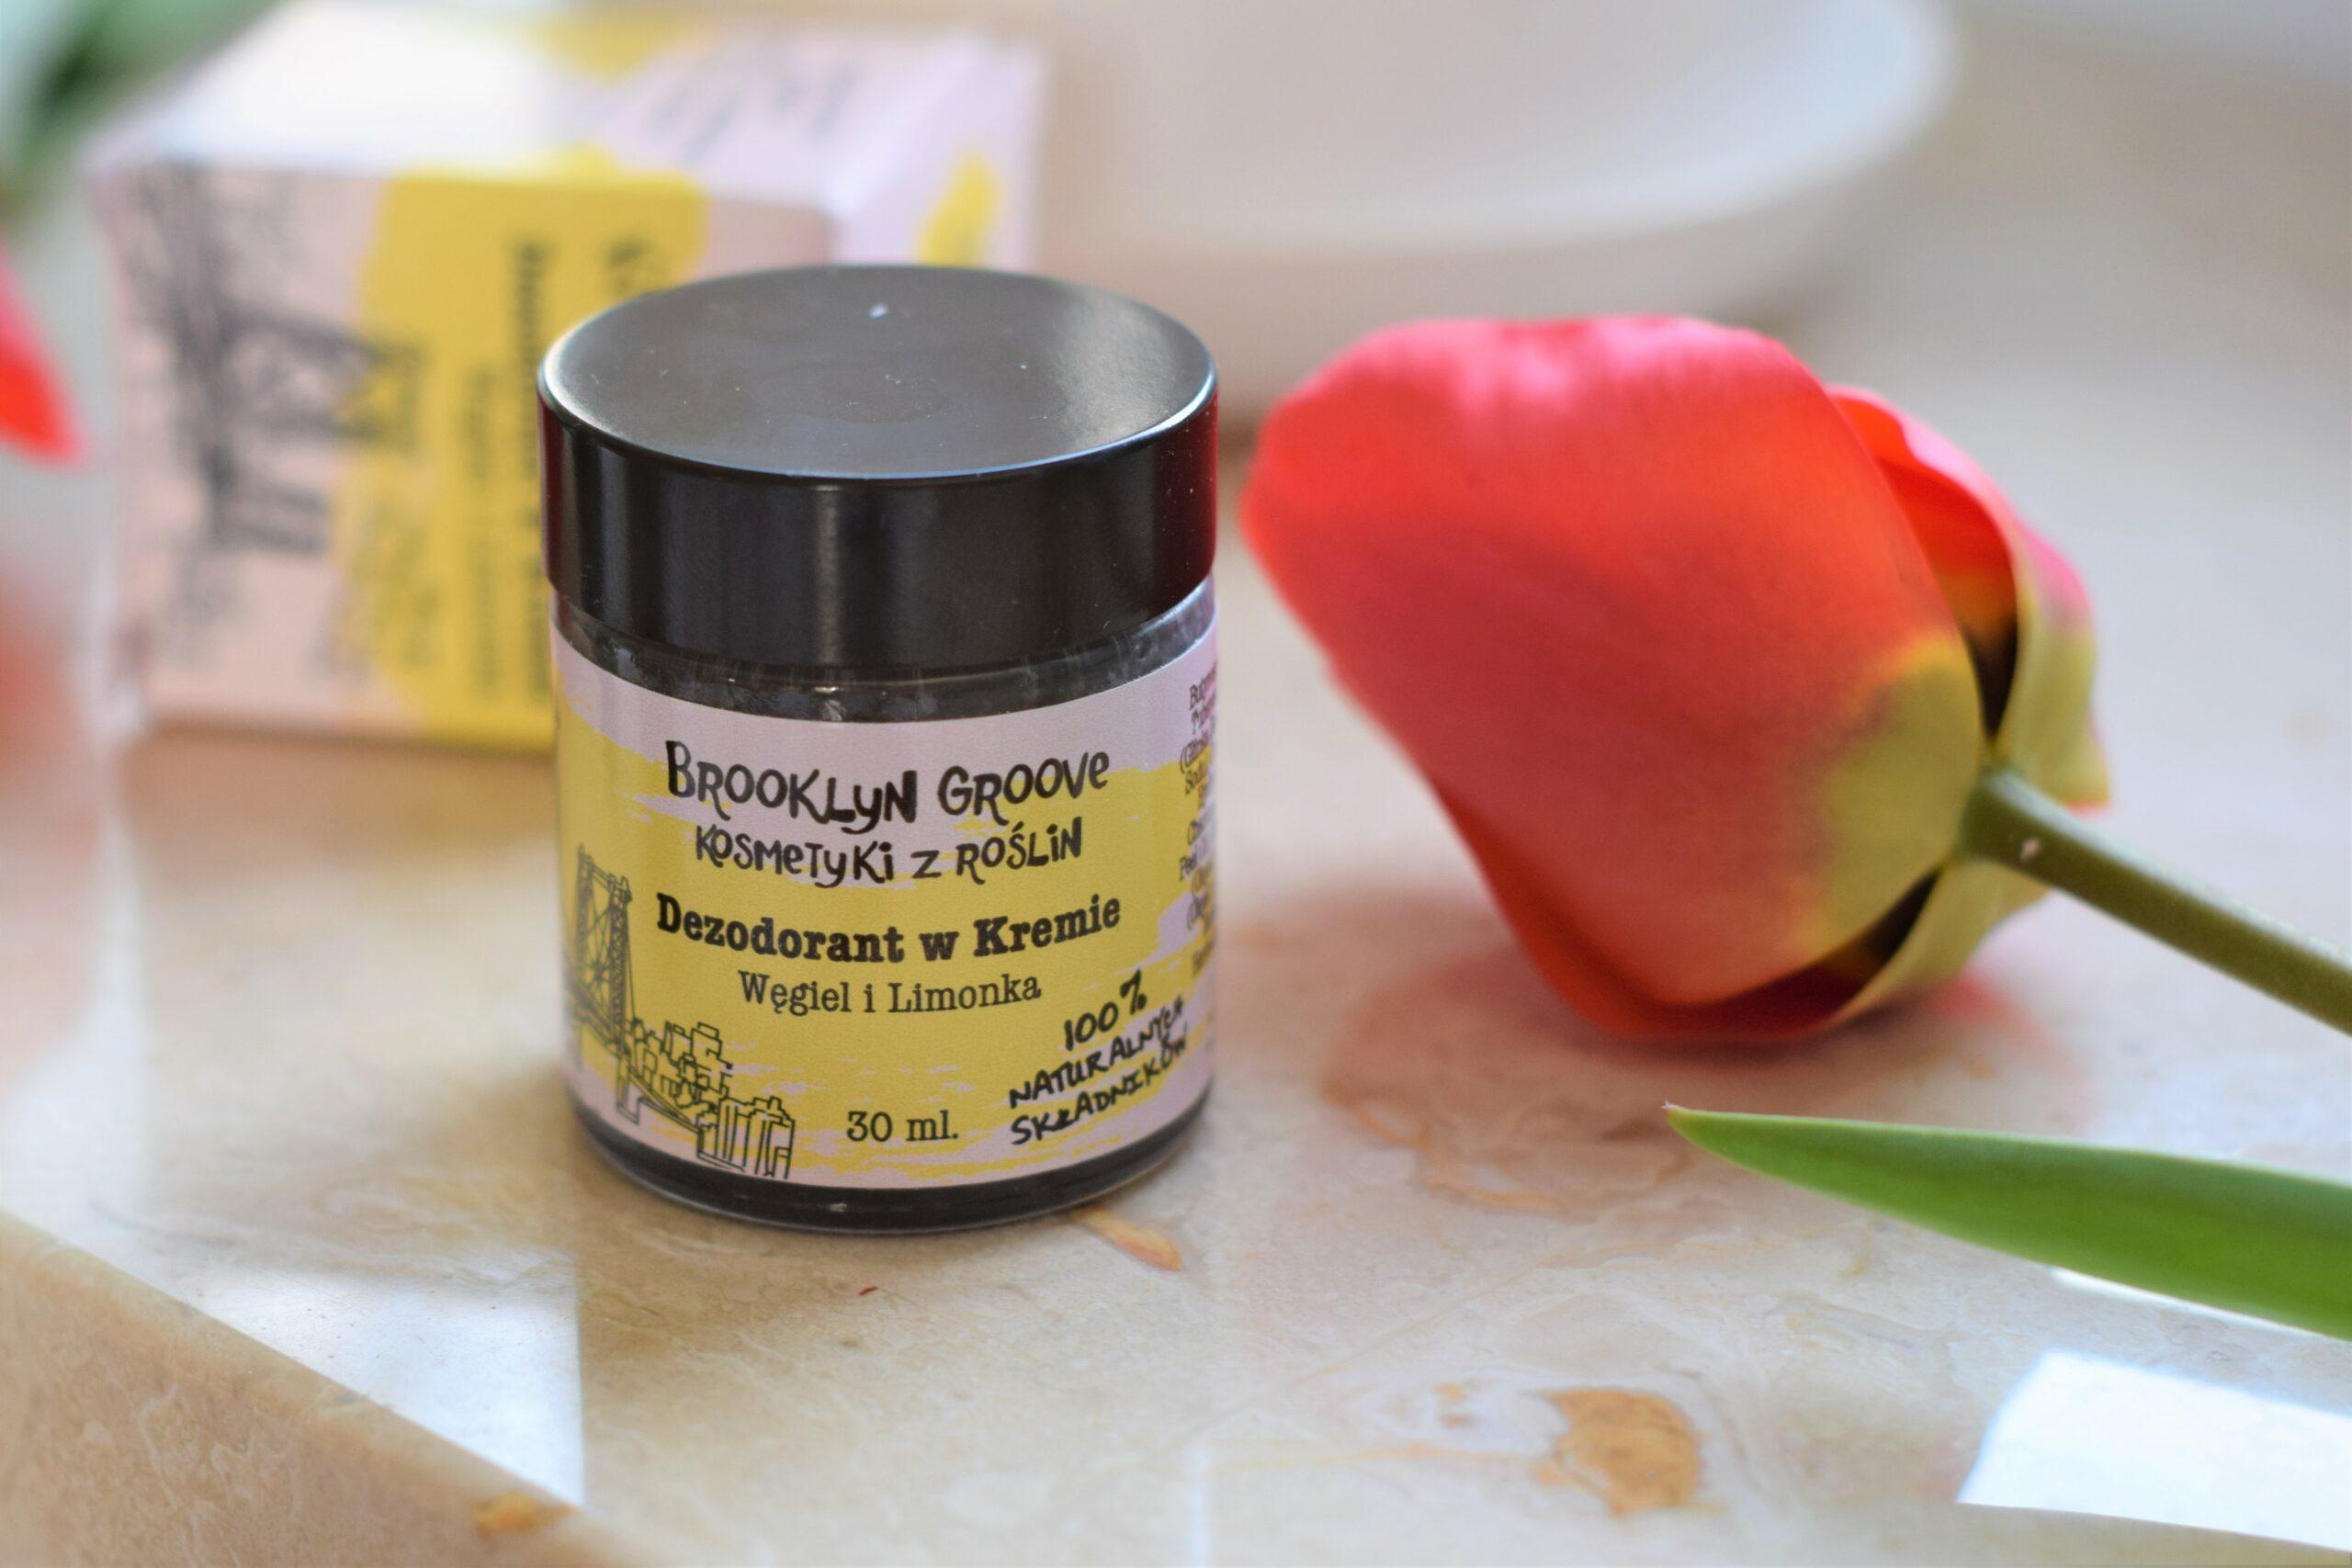 Dezodorant w kremie – Brooklyn Groove – Węgiel i Limonka – Recenzja